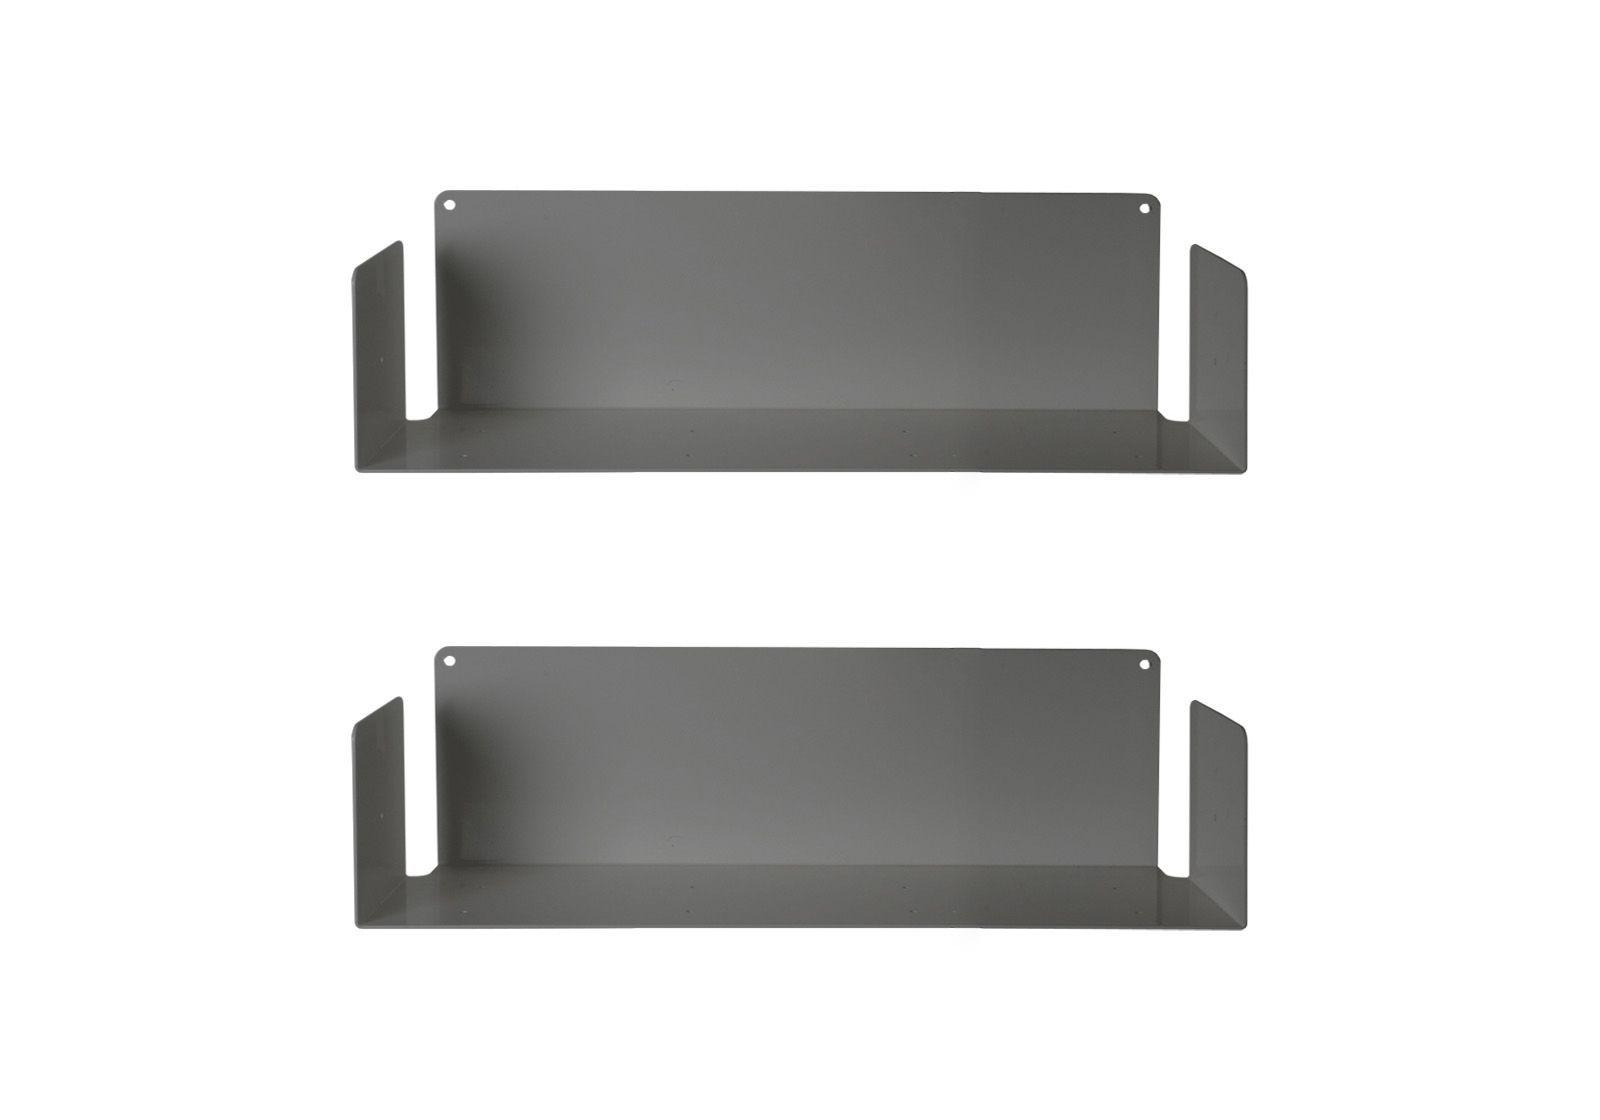 Set of 6 USDVD - DVD shelves